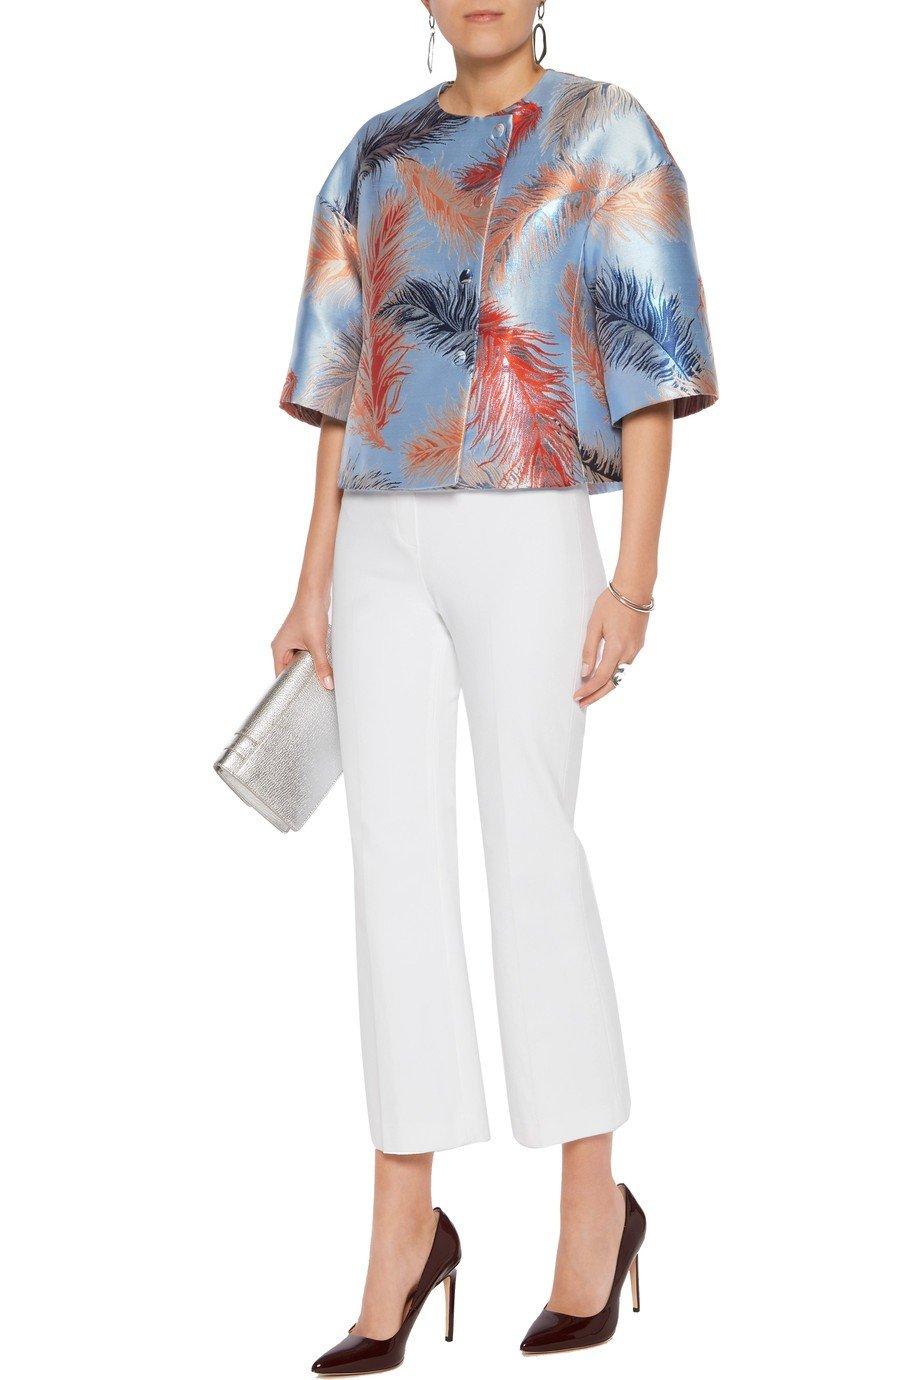 атласный пиджаки оверсайз с растительным принтом женский модный в 2018 году